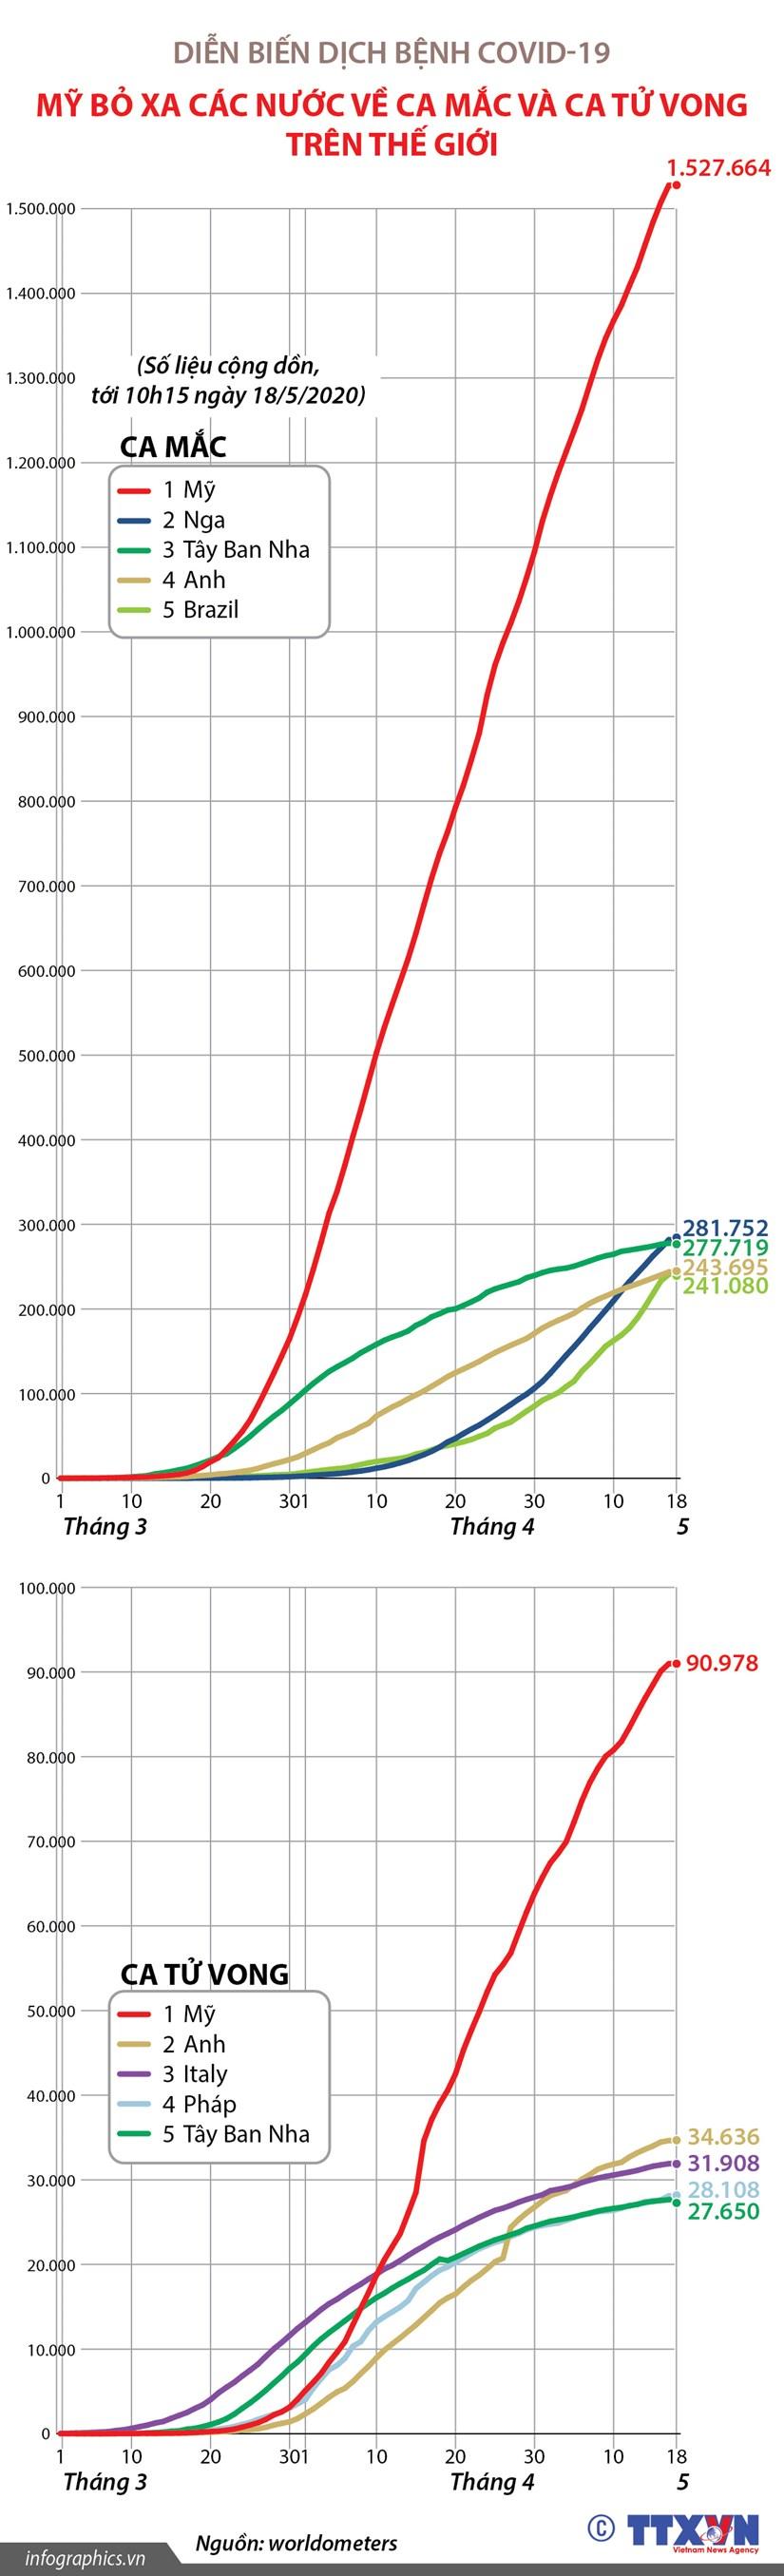 [Infographics] My bo xa cac nuoc ve ca mac va ca tu vong do COVID-19 hinh anh 1